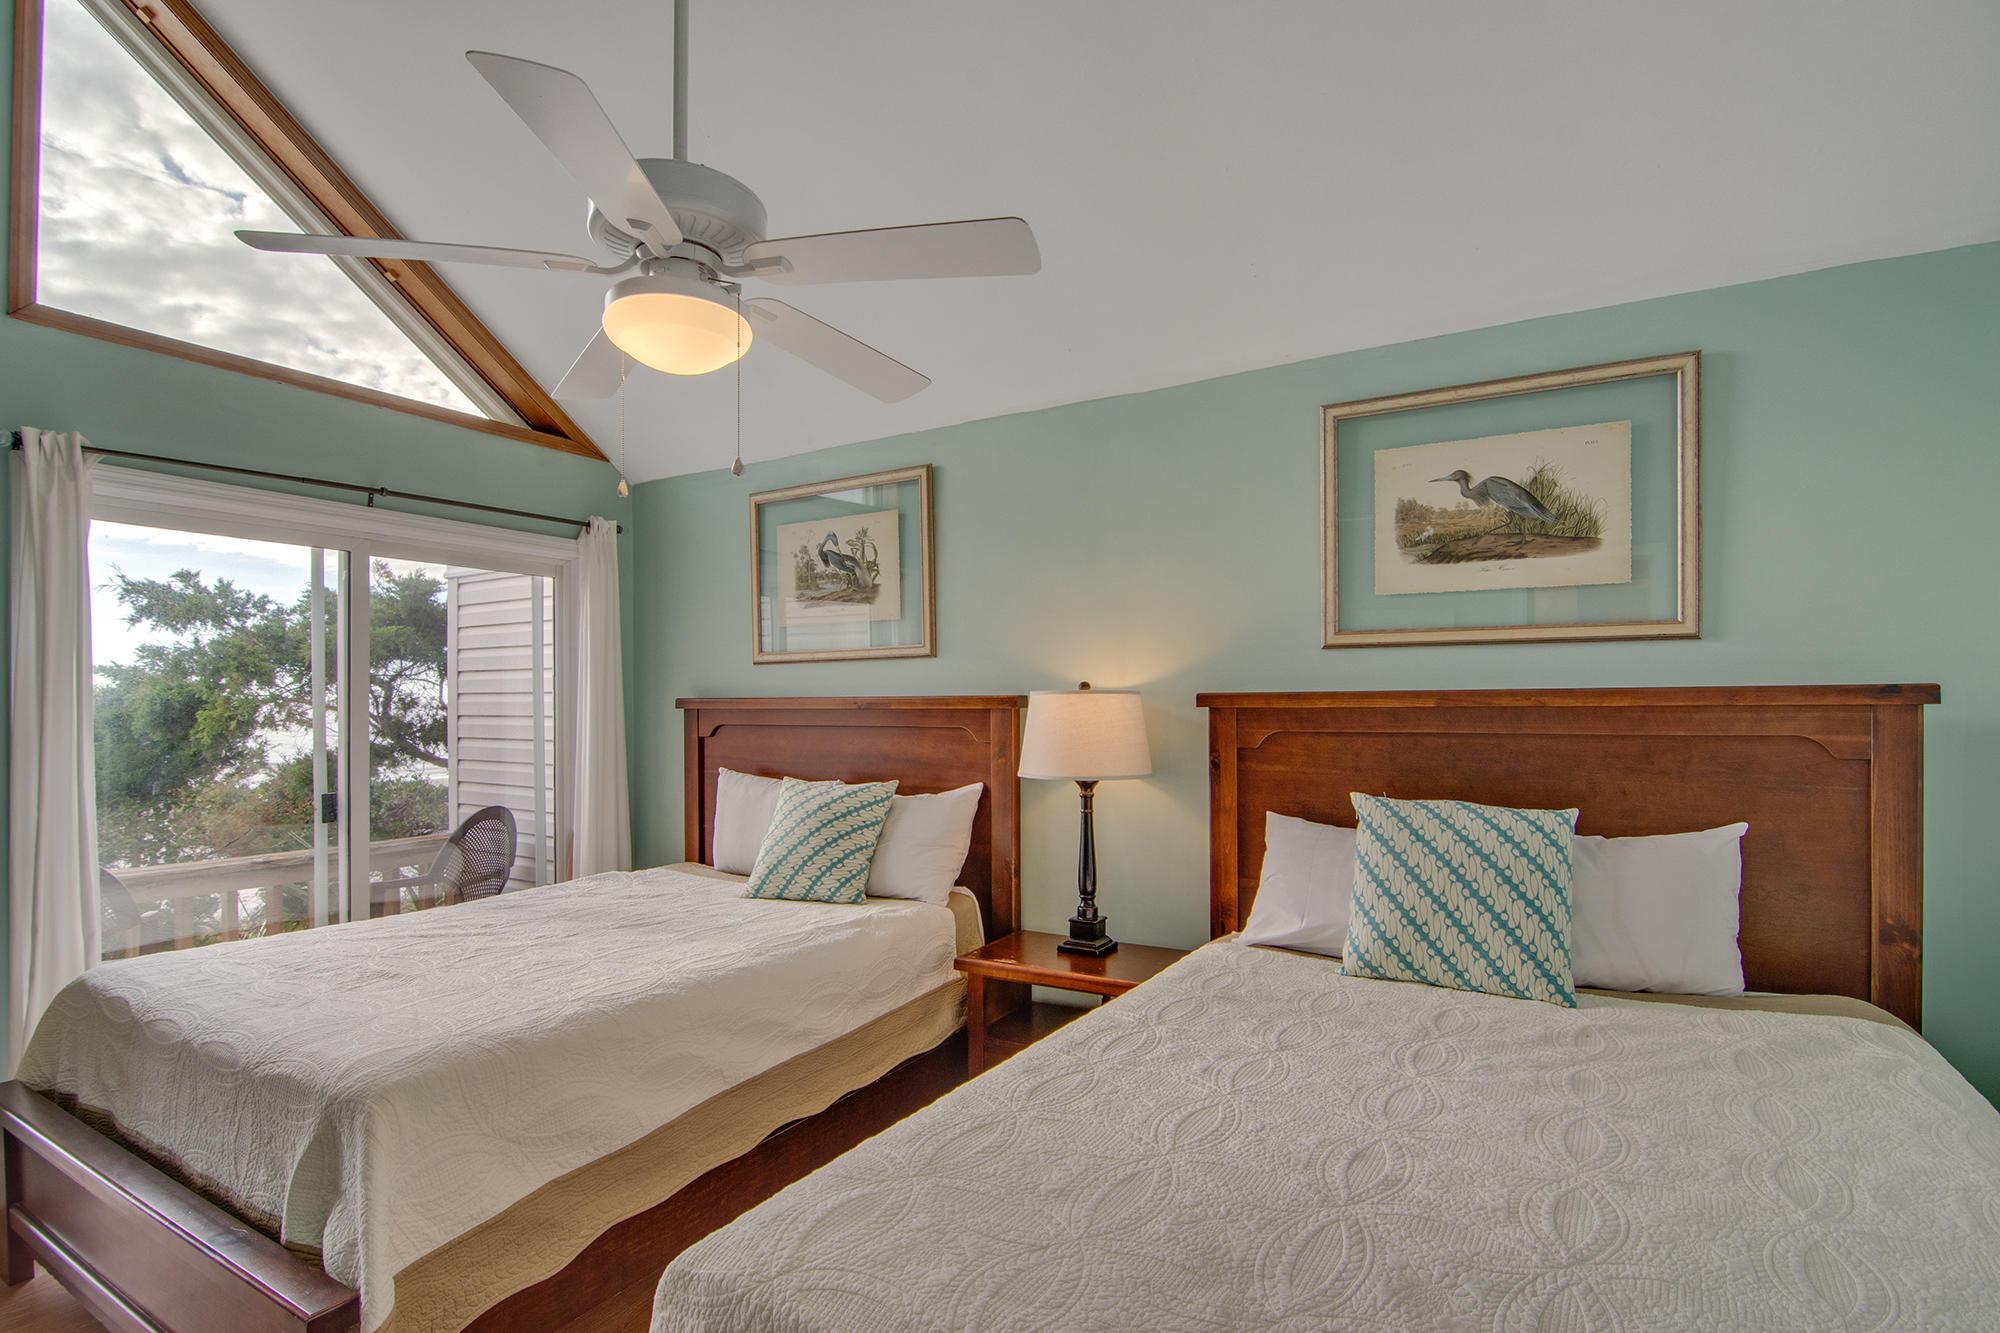 Folly Beach Homes For Sale - 1703 Ashley, Folly Beach, SC - 9